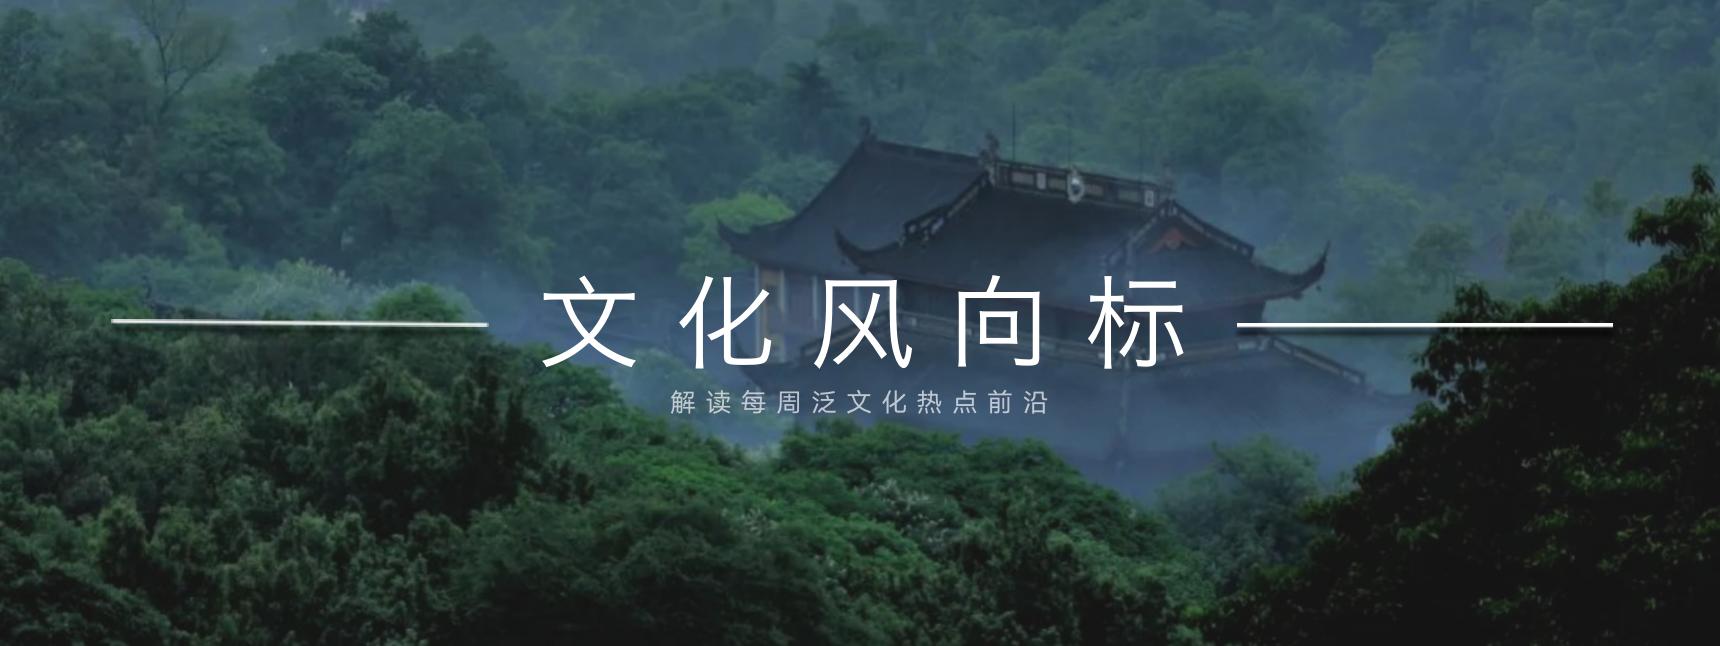 文化风向标(6.29-7.5)|灵隐寺招人了,没有KPI要求,不需要出家